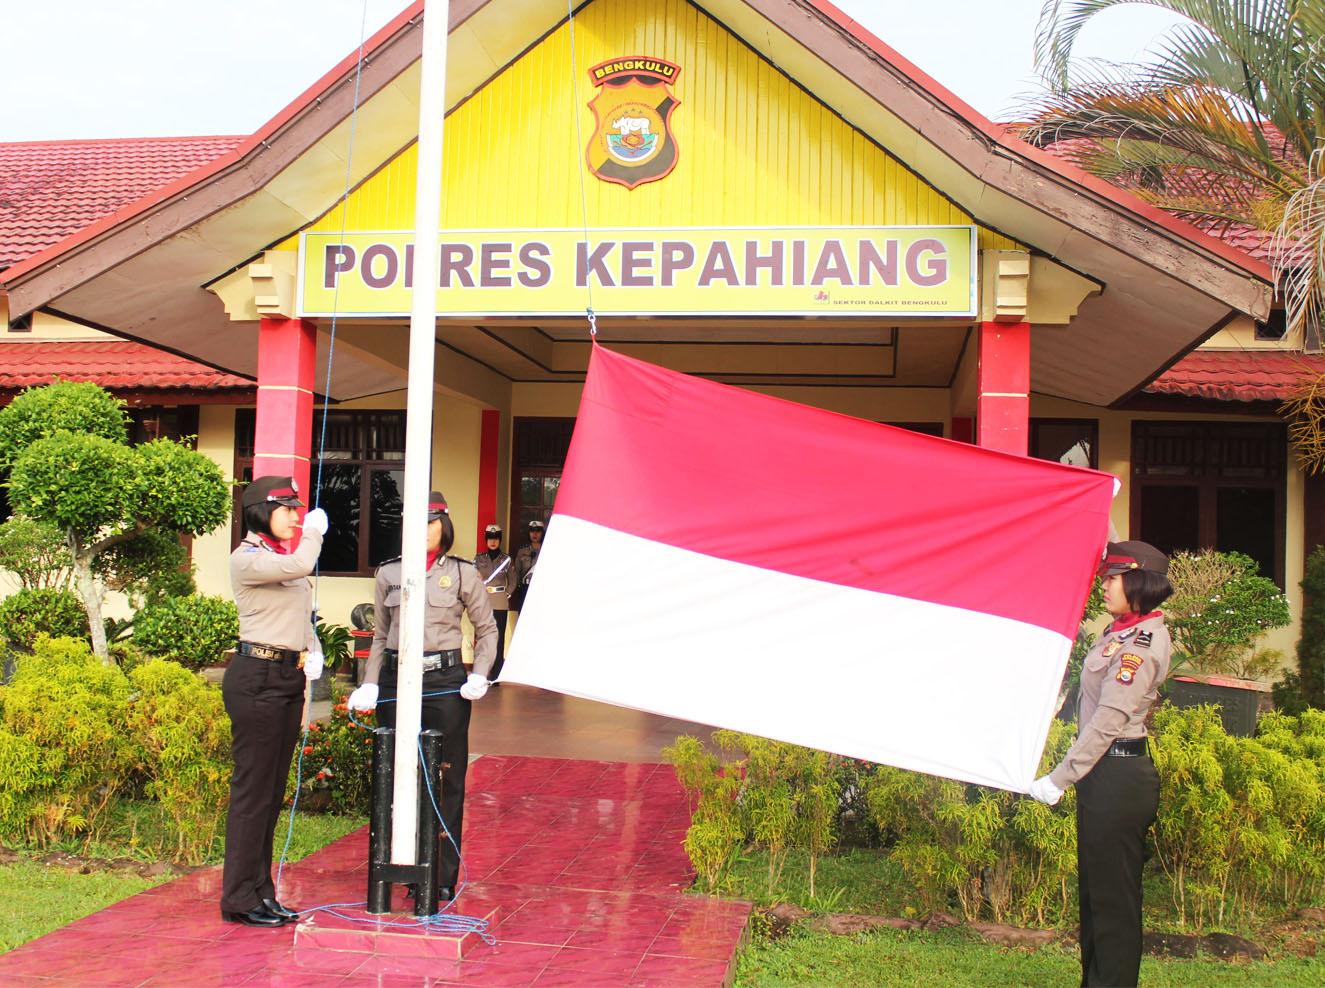 Spesial, Upacara Bendera Polres Kepahiang Perdana Tahun 2018 Semua Petugasnya Polwan